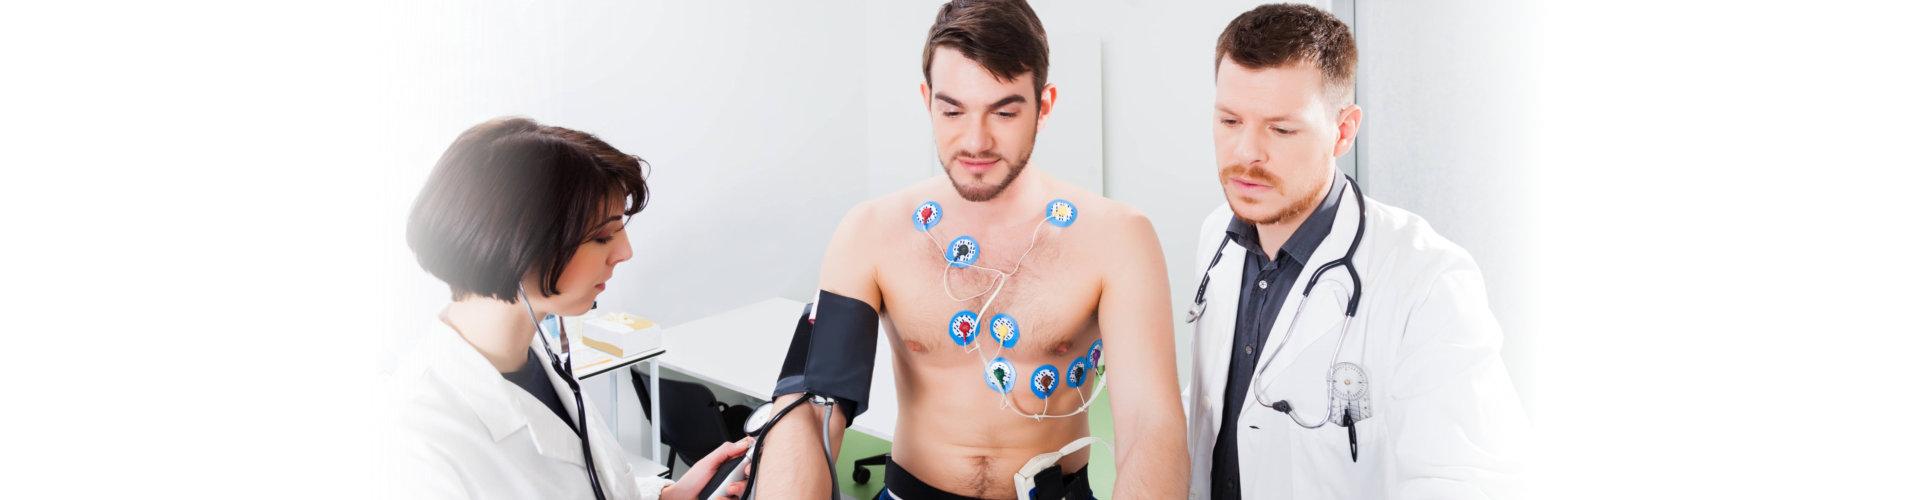 man doing echocardiogram